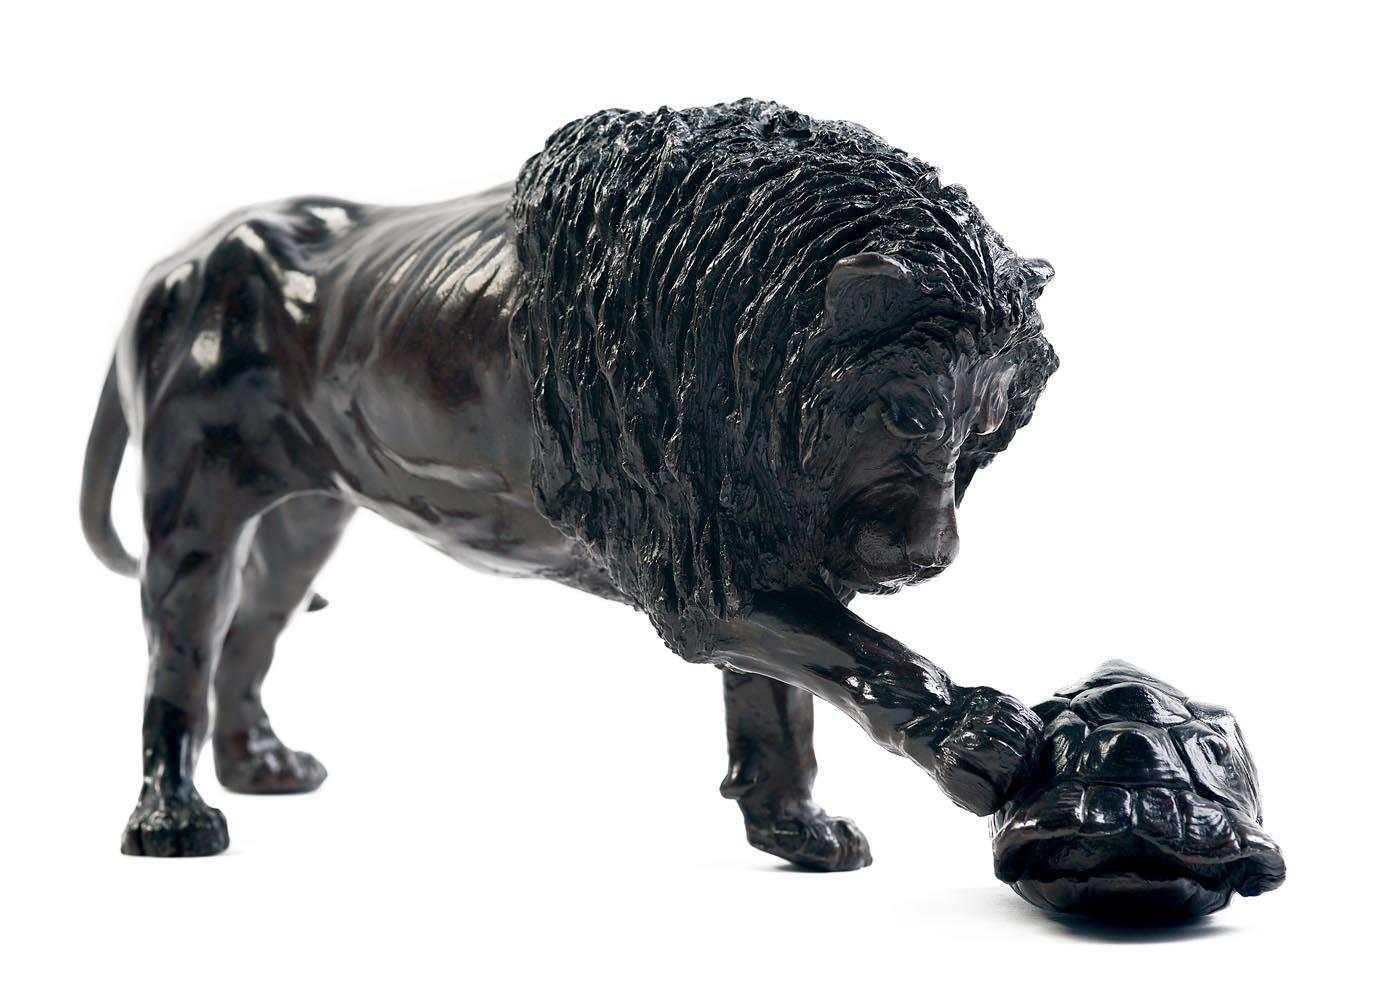 Sculpture en bronze d'un lion jouant avec une carapace de tortue